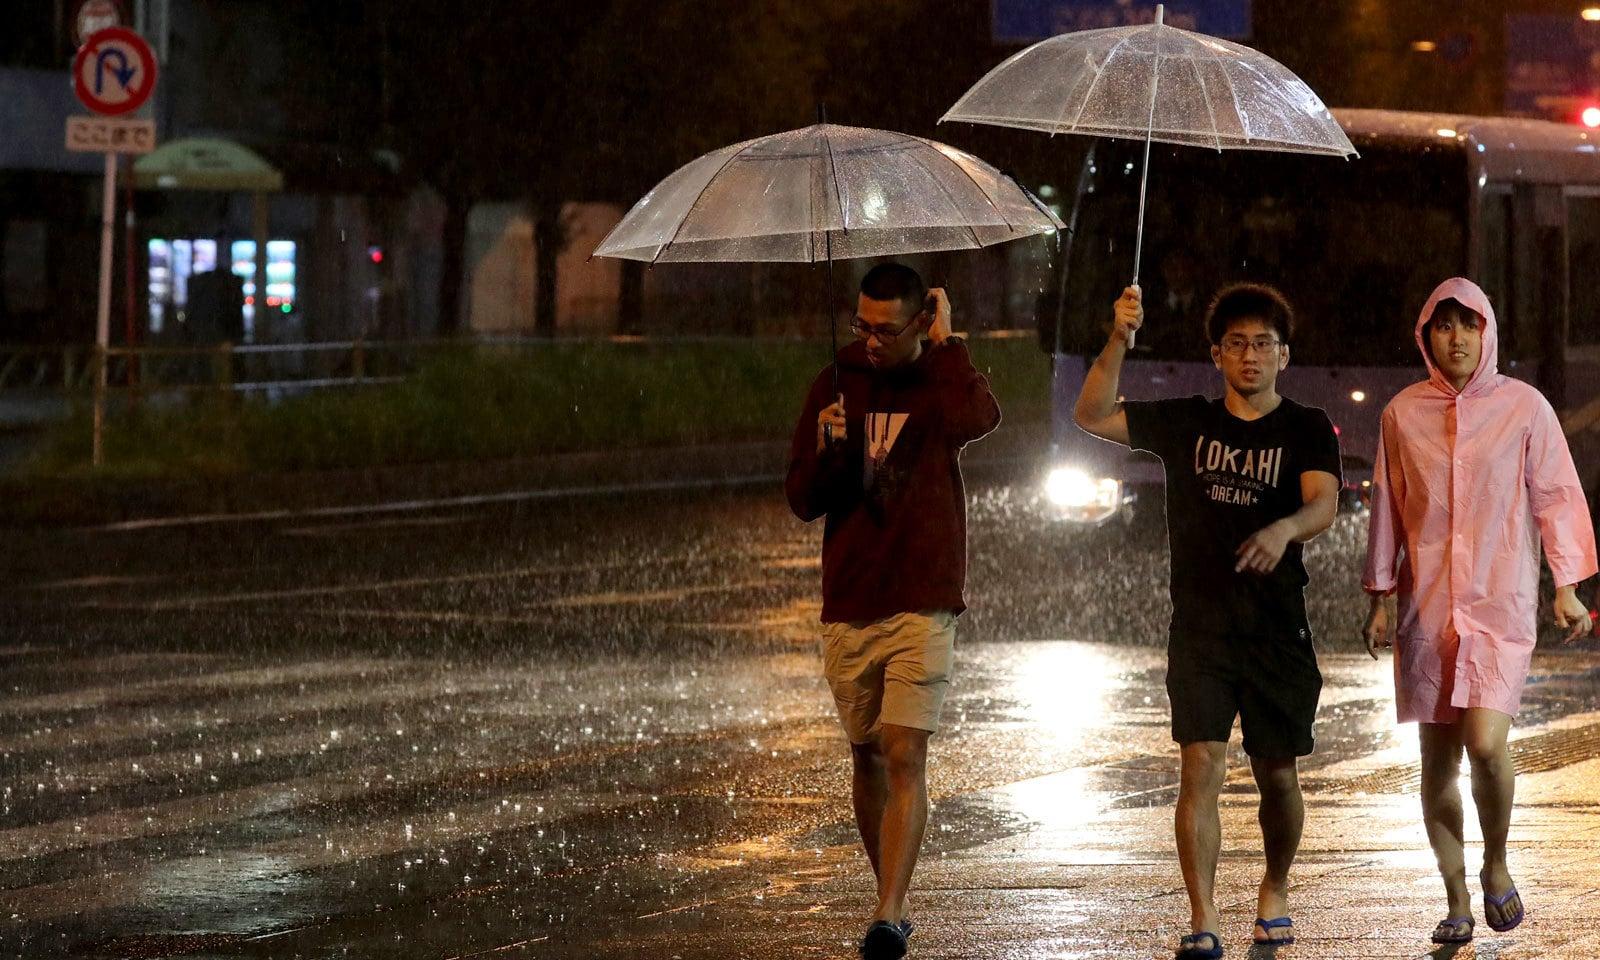 طوفان کے باعث دو لاکھ افراد بجلی سے محروم ہو چکے ہیں — فوٹو: رائٹرز